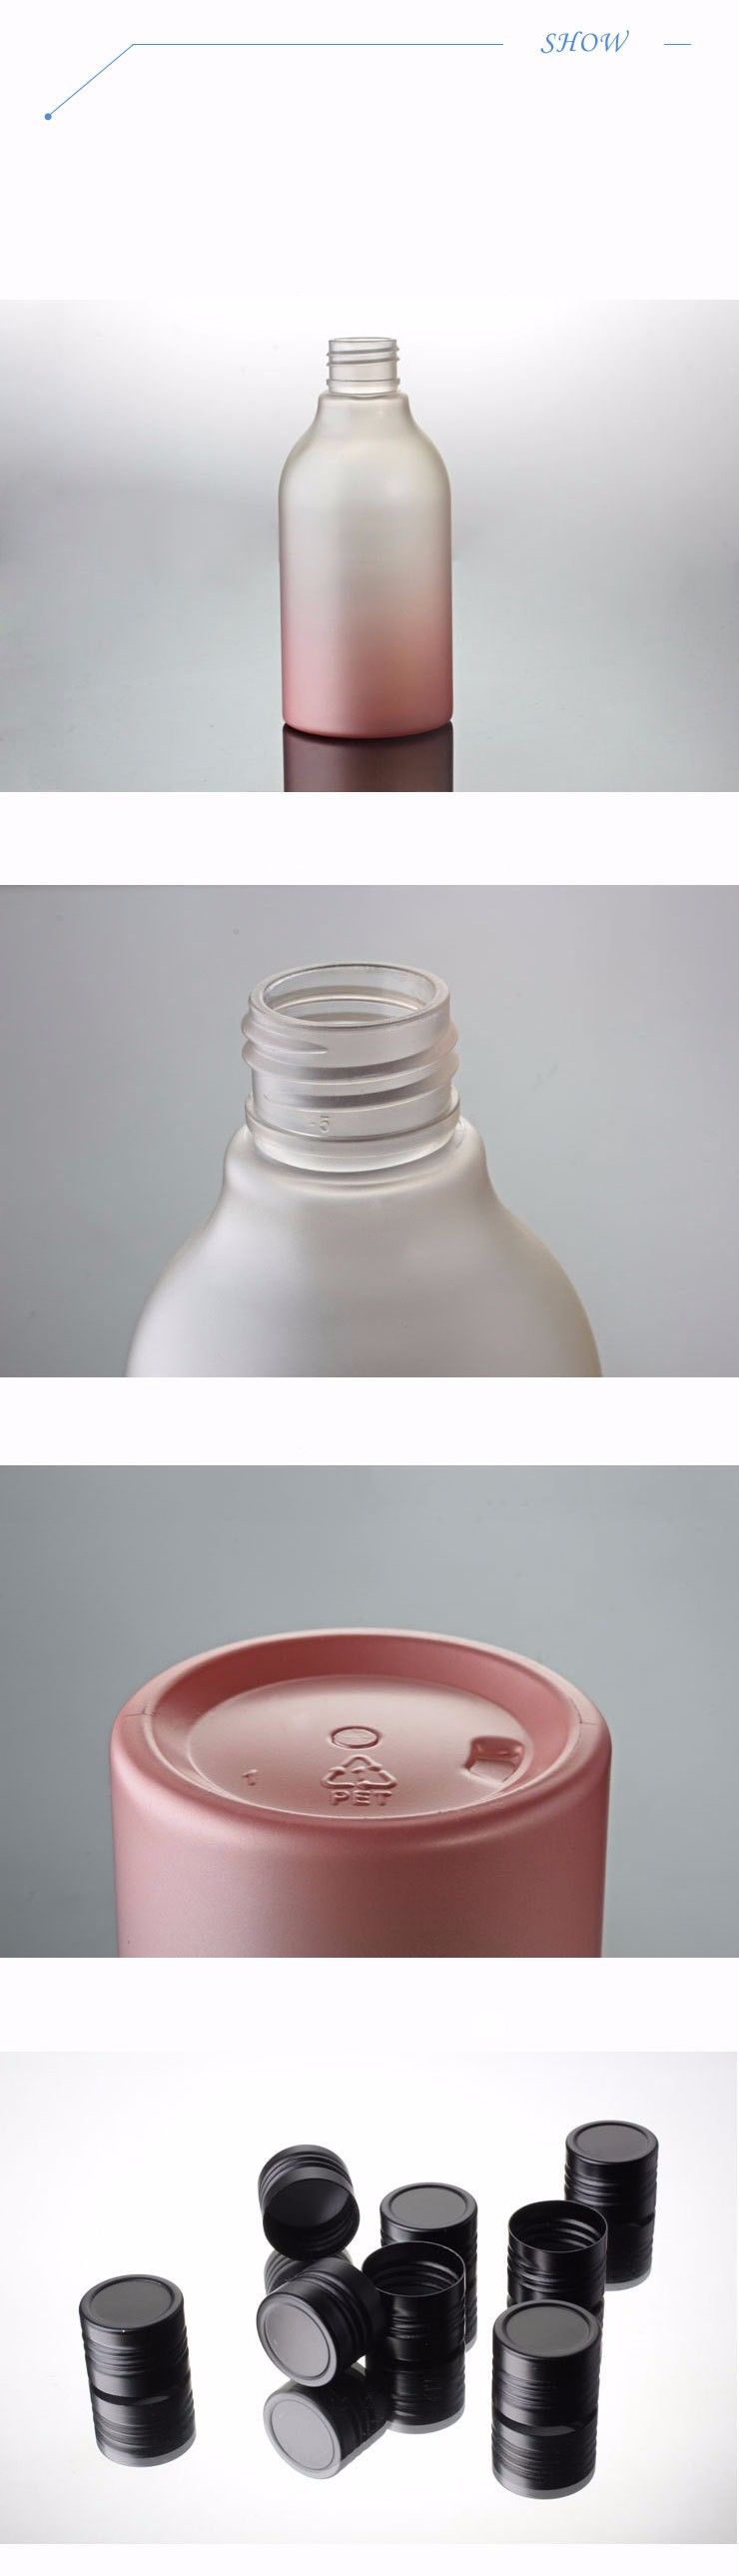 200 Ml Pembe Boyama Ve Siyah Ile Opak Plastik şişe Alüminyum Vidalı